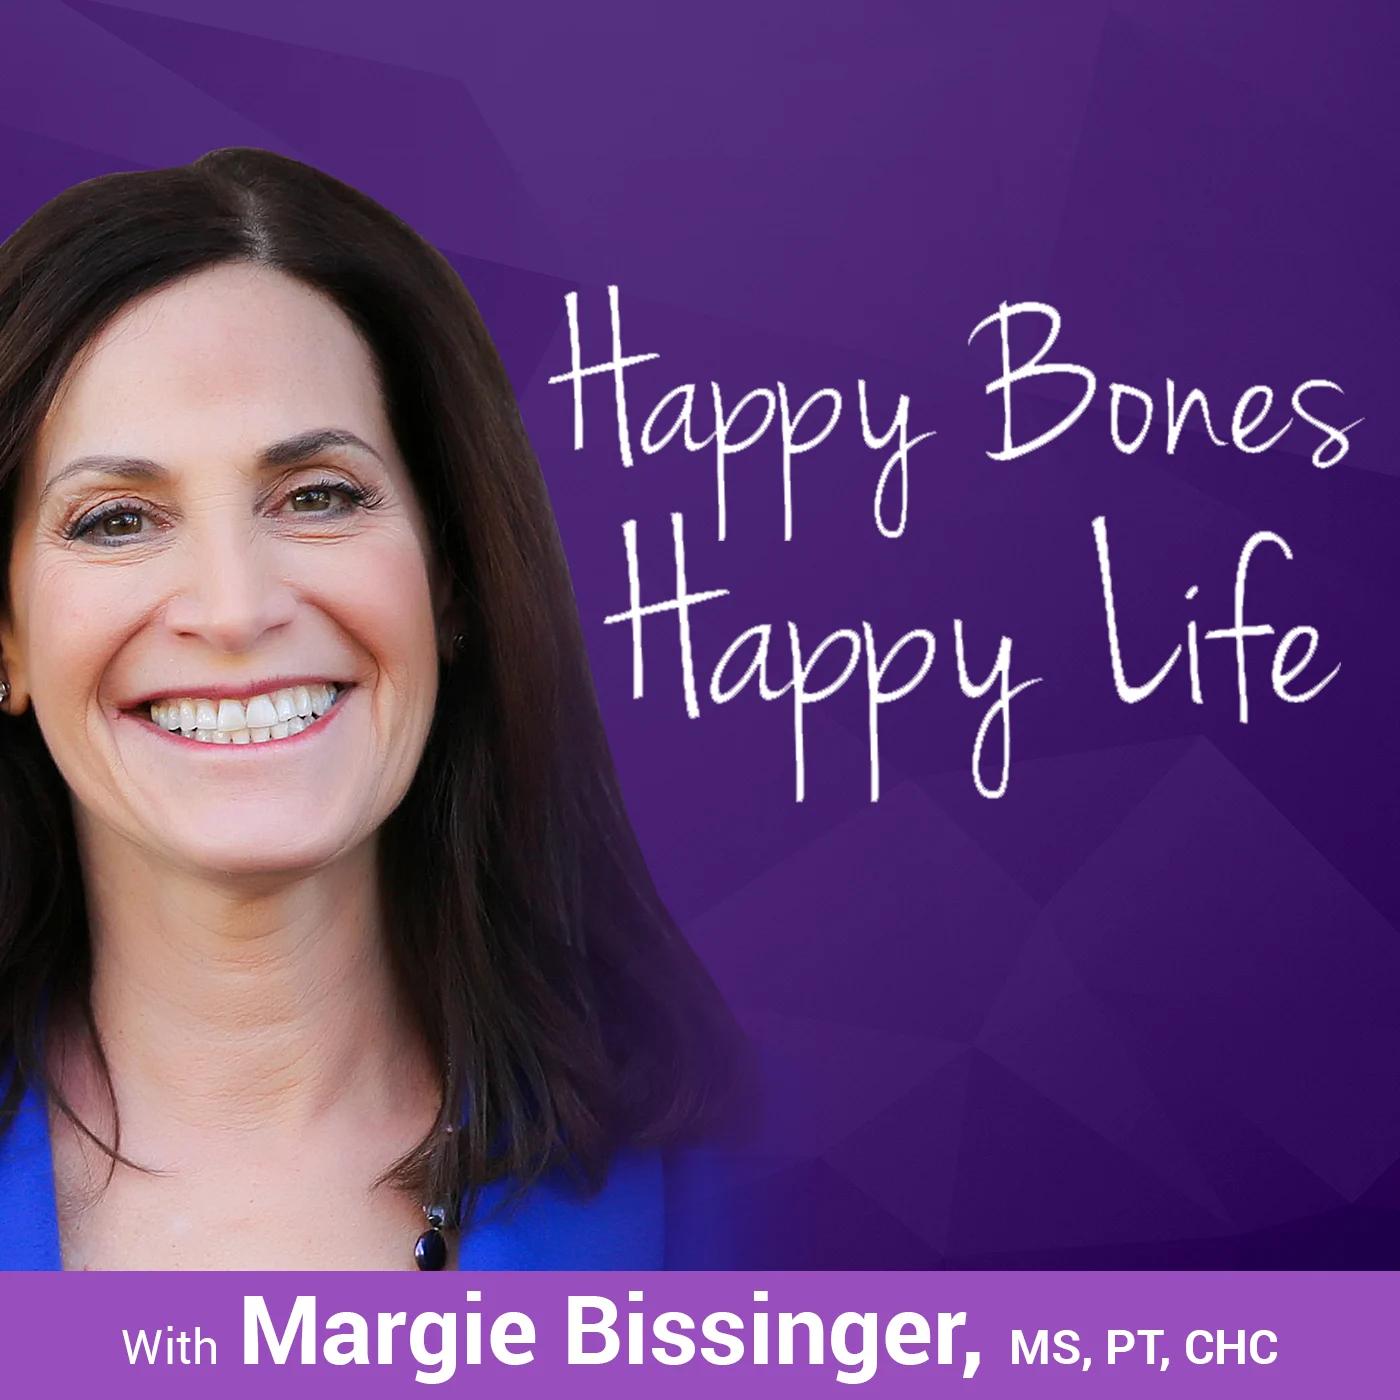 Happy Bones, Happy Life